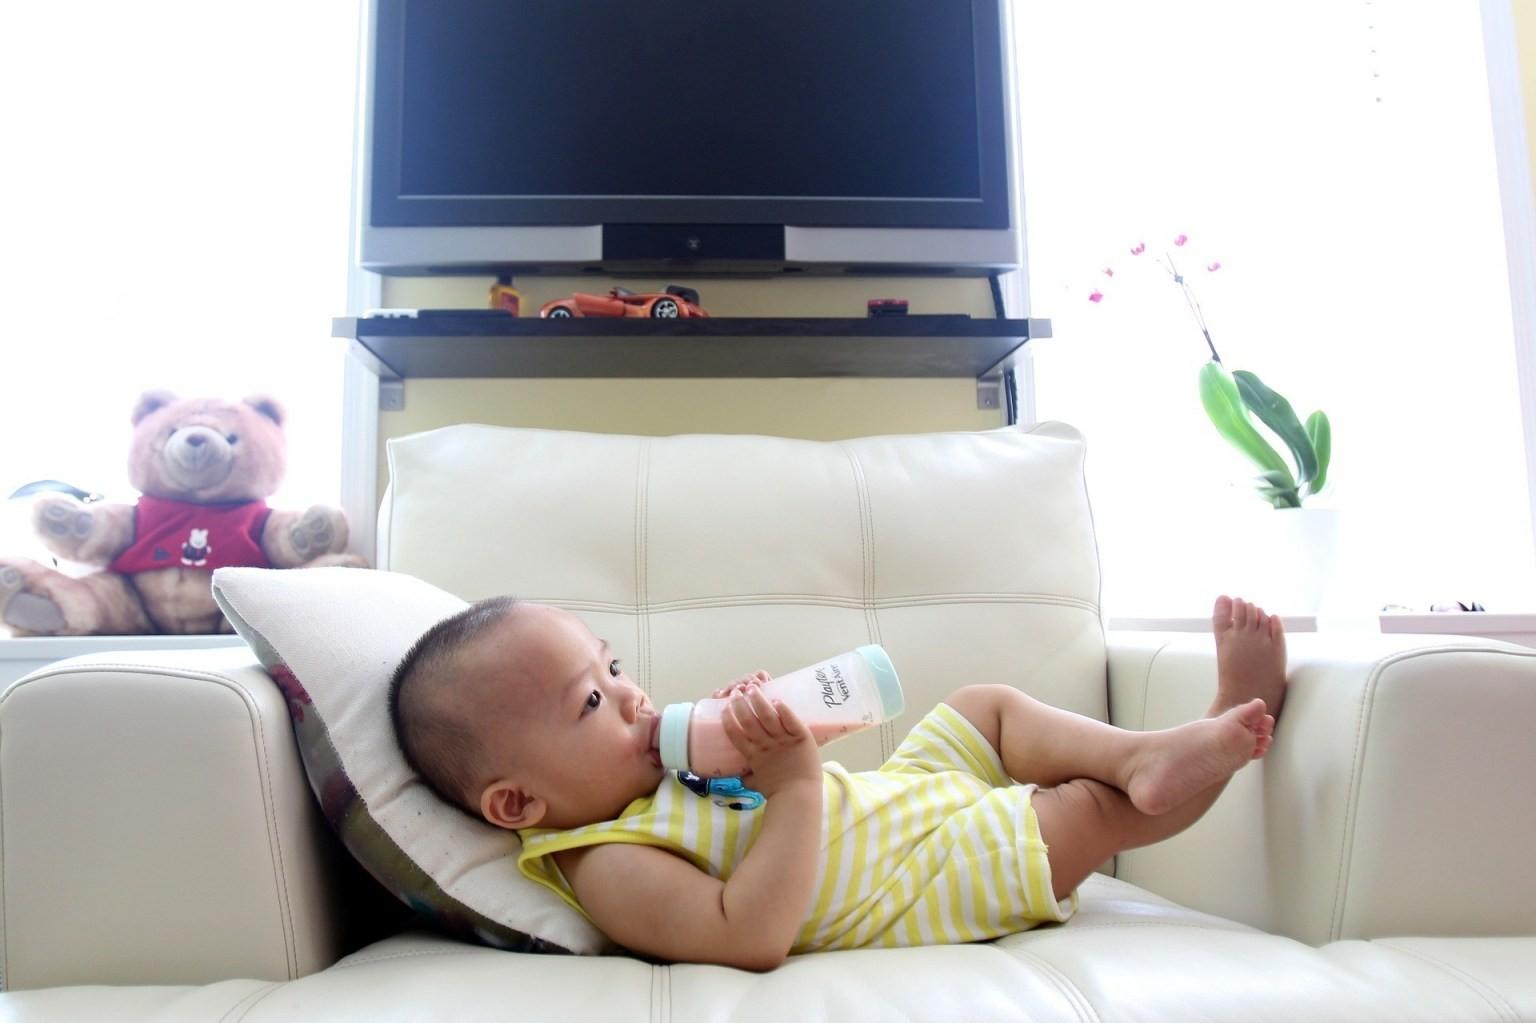 奶瓶喂养的婴儿每天要饮用多达1600万种微塑料